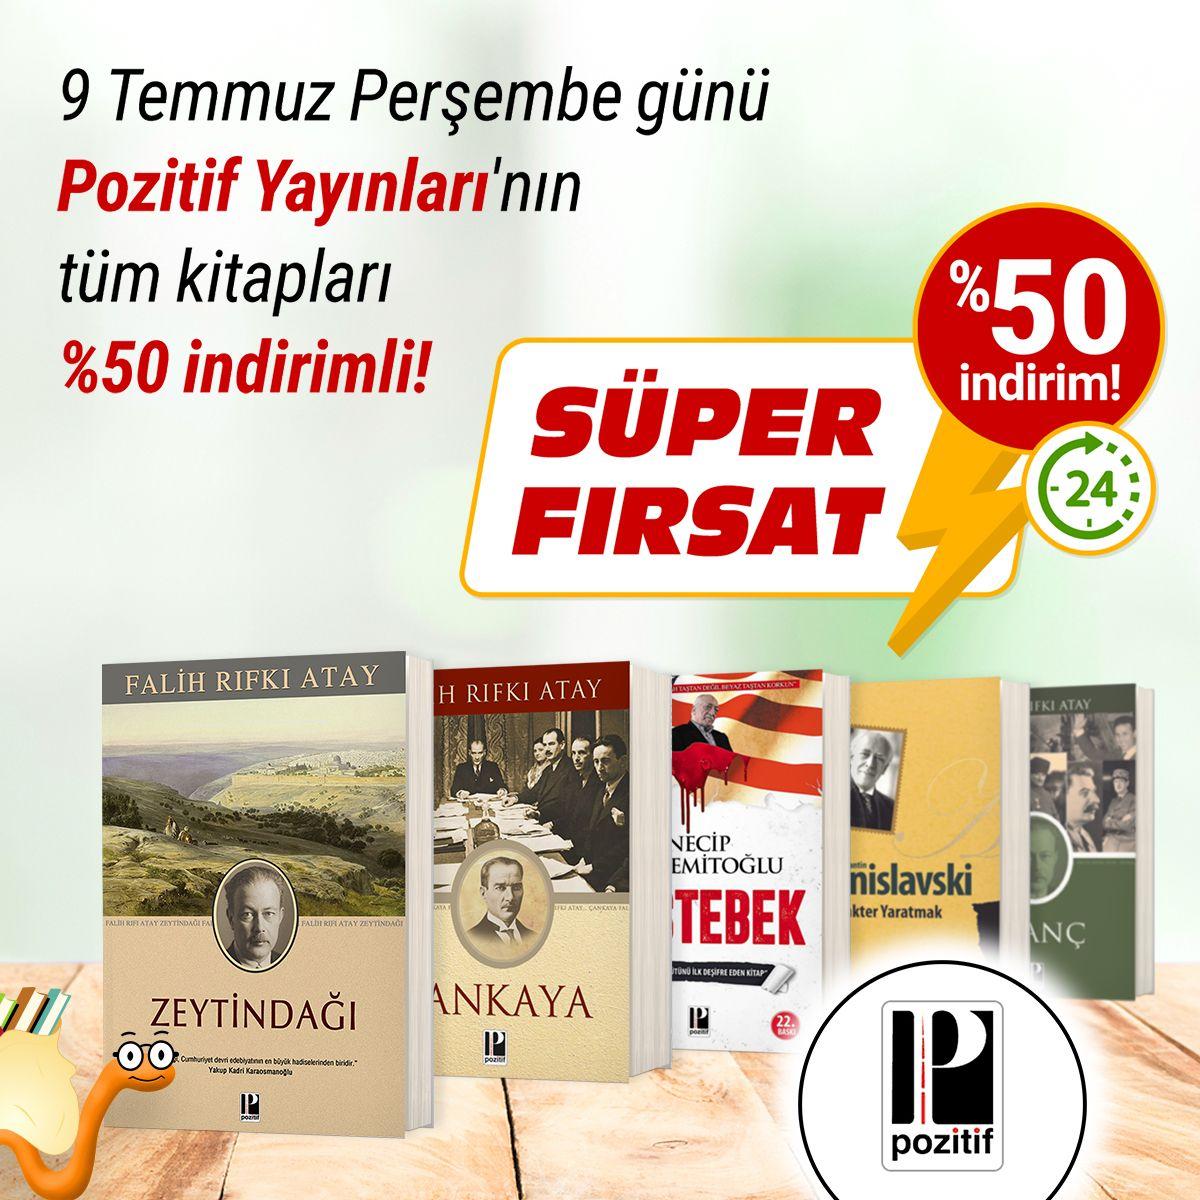 SÜPER FIRSAT! 🔥 9 Temmuz Perşembe günü Pozitif Yayınları'nın tüm kitapları %50 indirimli! 🎁📚 Kitapları incelemek için👉 https://t.co/jONiK6Mb45 #kitap #kitapyurdu @pozitifyayinevi https://t.co/Ntcu7rw3Ge